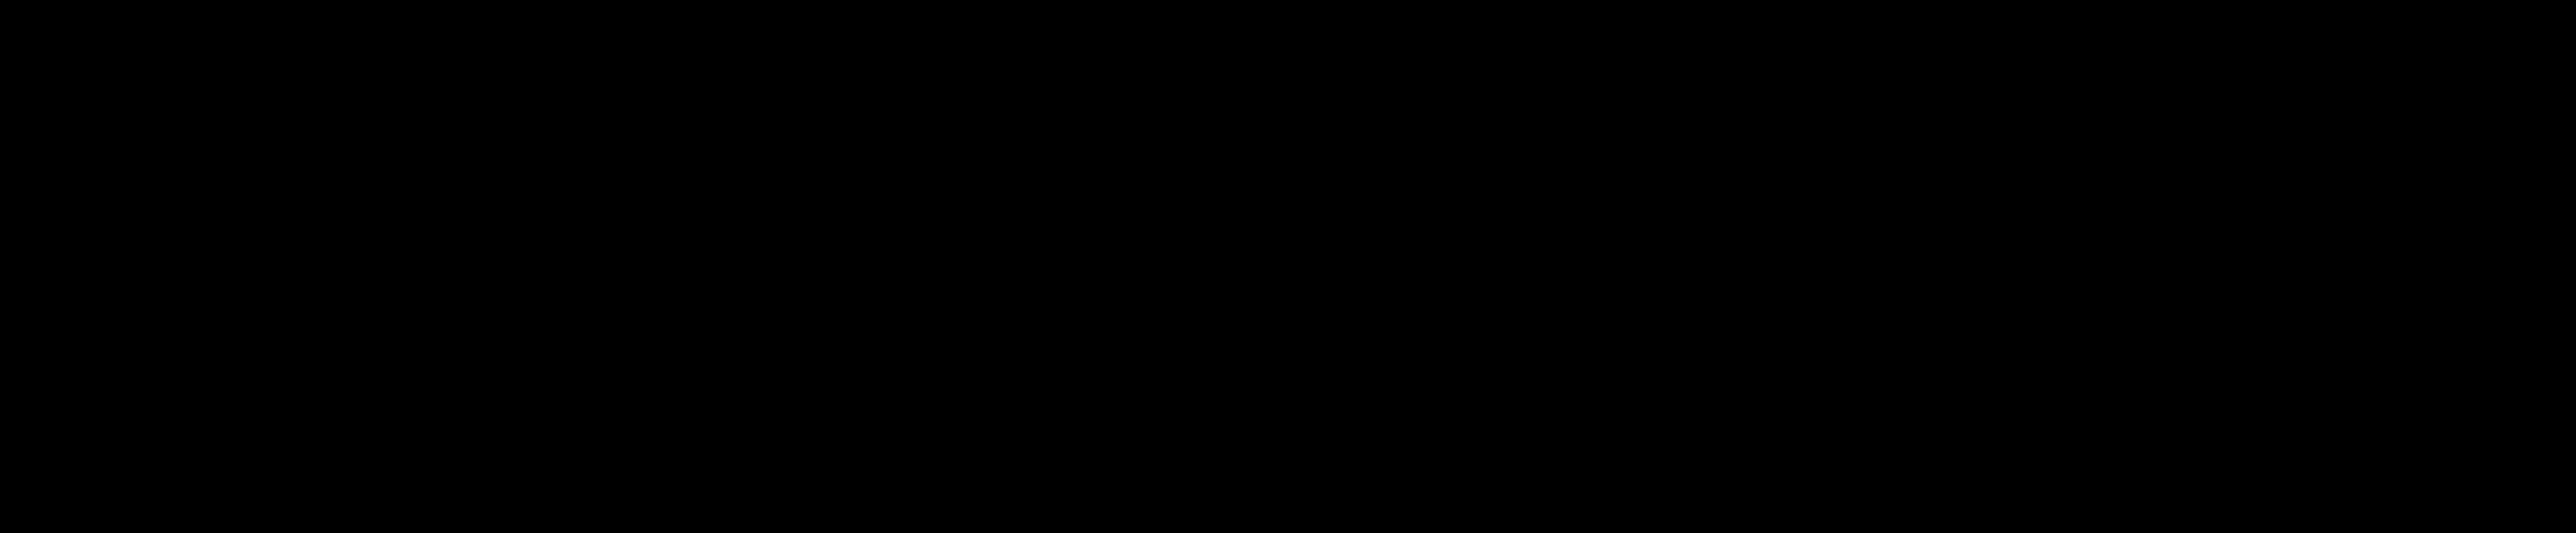 Playstation – Logos Download  Playstation –...